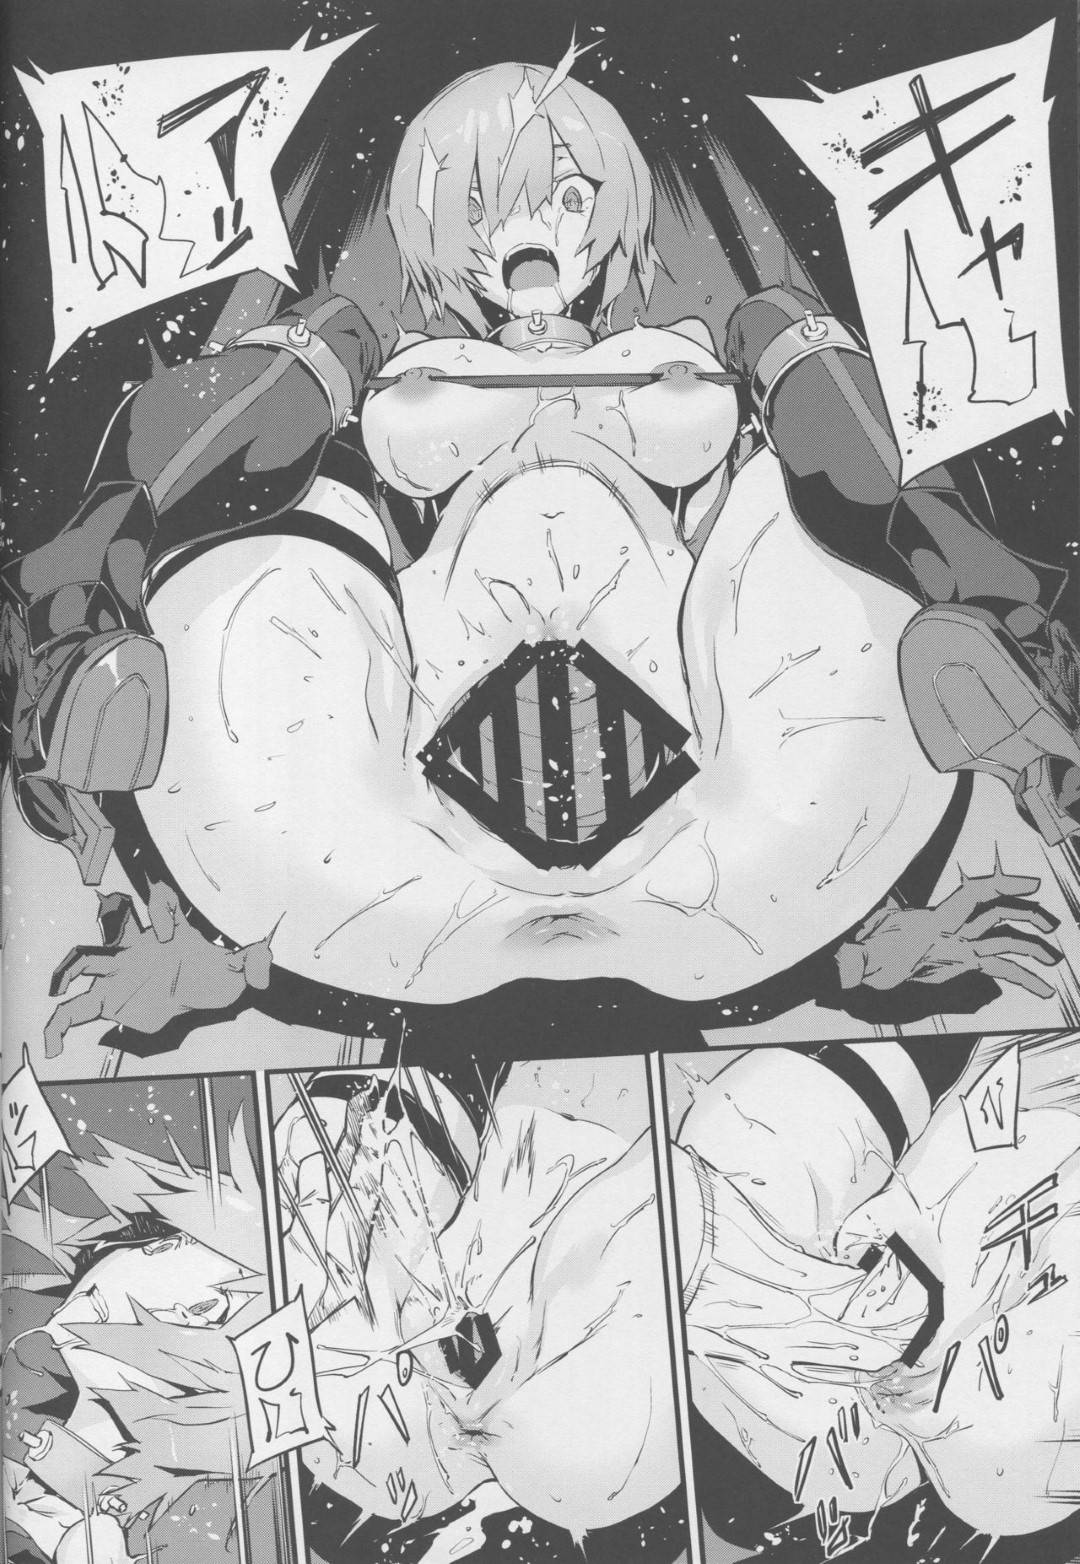 【エロ漫画】王に背いた罰として猿ぐつわをさせら、手錠で拘束された上で檻に監禁される二人の少女。触手が身体中を這い回り、何度もイかされる。更に罰として腕を膣に無理やり入れられ声に鳴らない悲鳴を上げる。